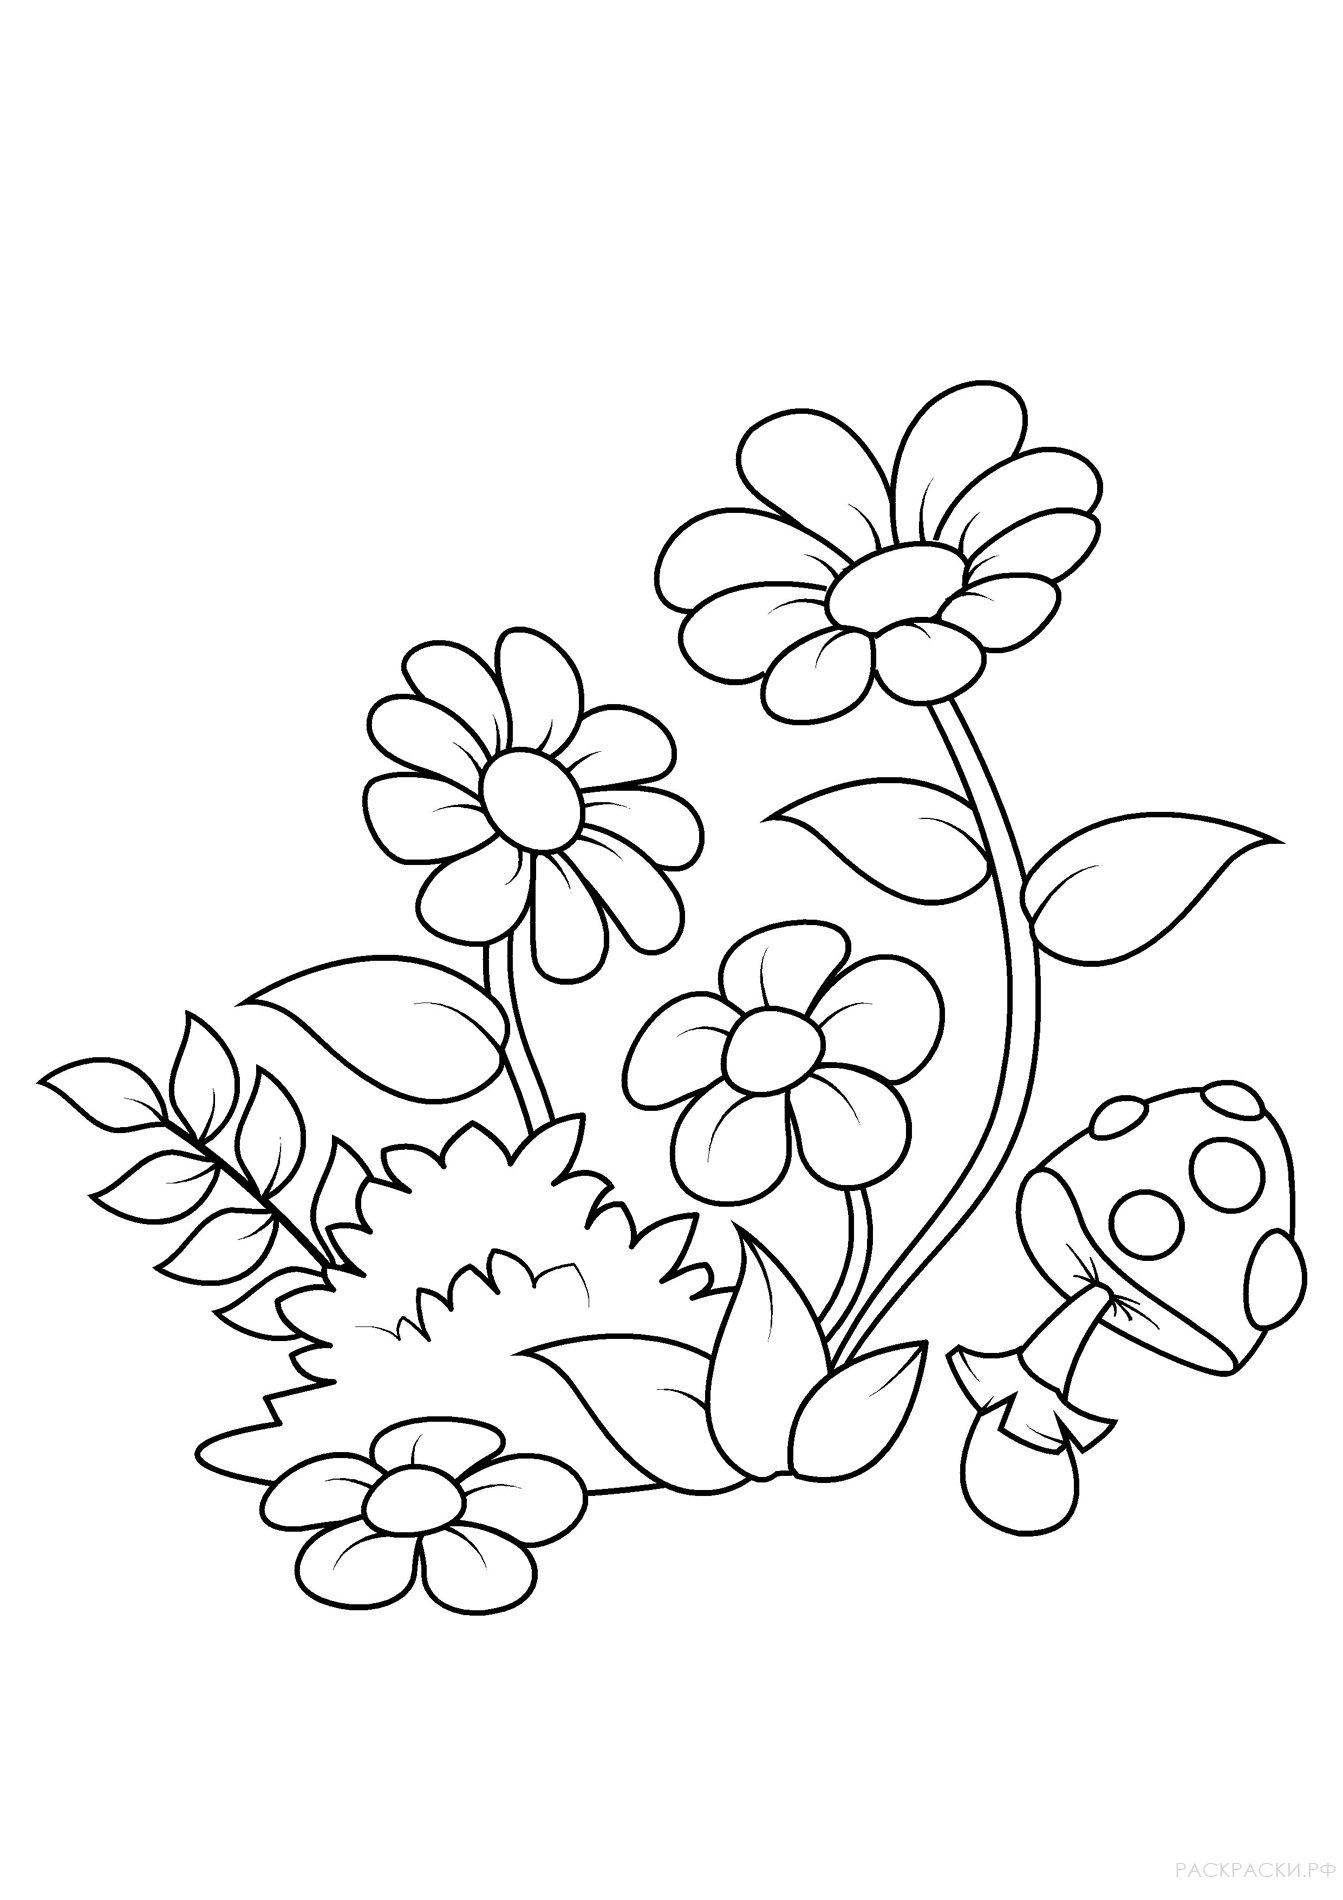 Раскраска Цветы Гладиолусы » Раскраски.рф - распечатать ...